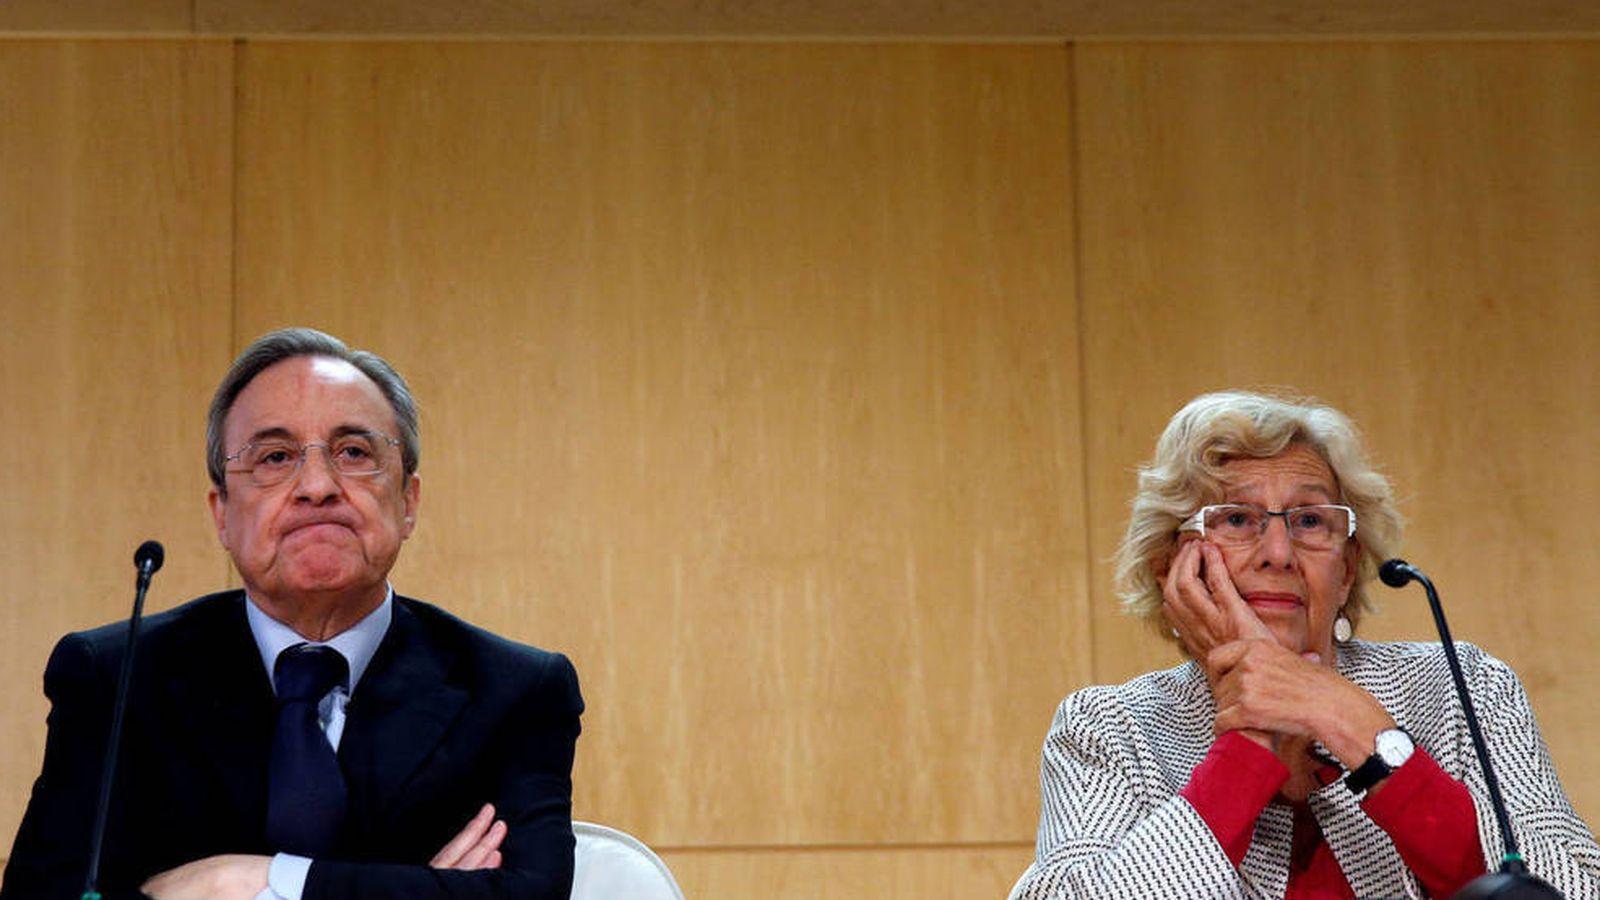 Foto: Florentino Pérez, presidente de ACS, junto a la alcaldesa de Madrid, Manuela Carmena. (EFE)